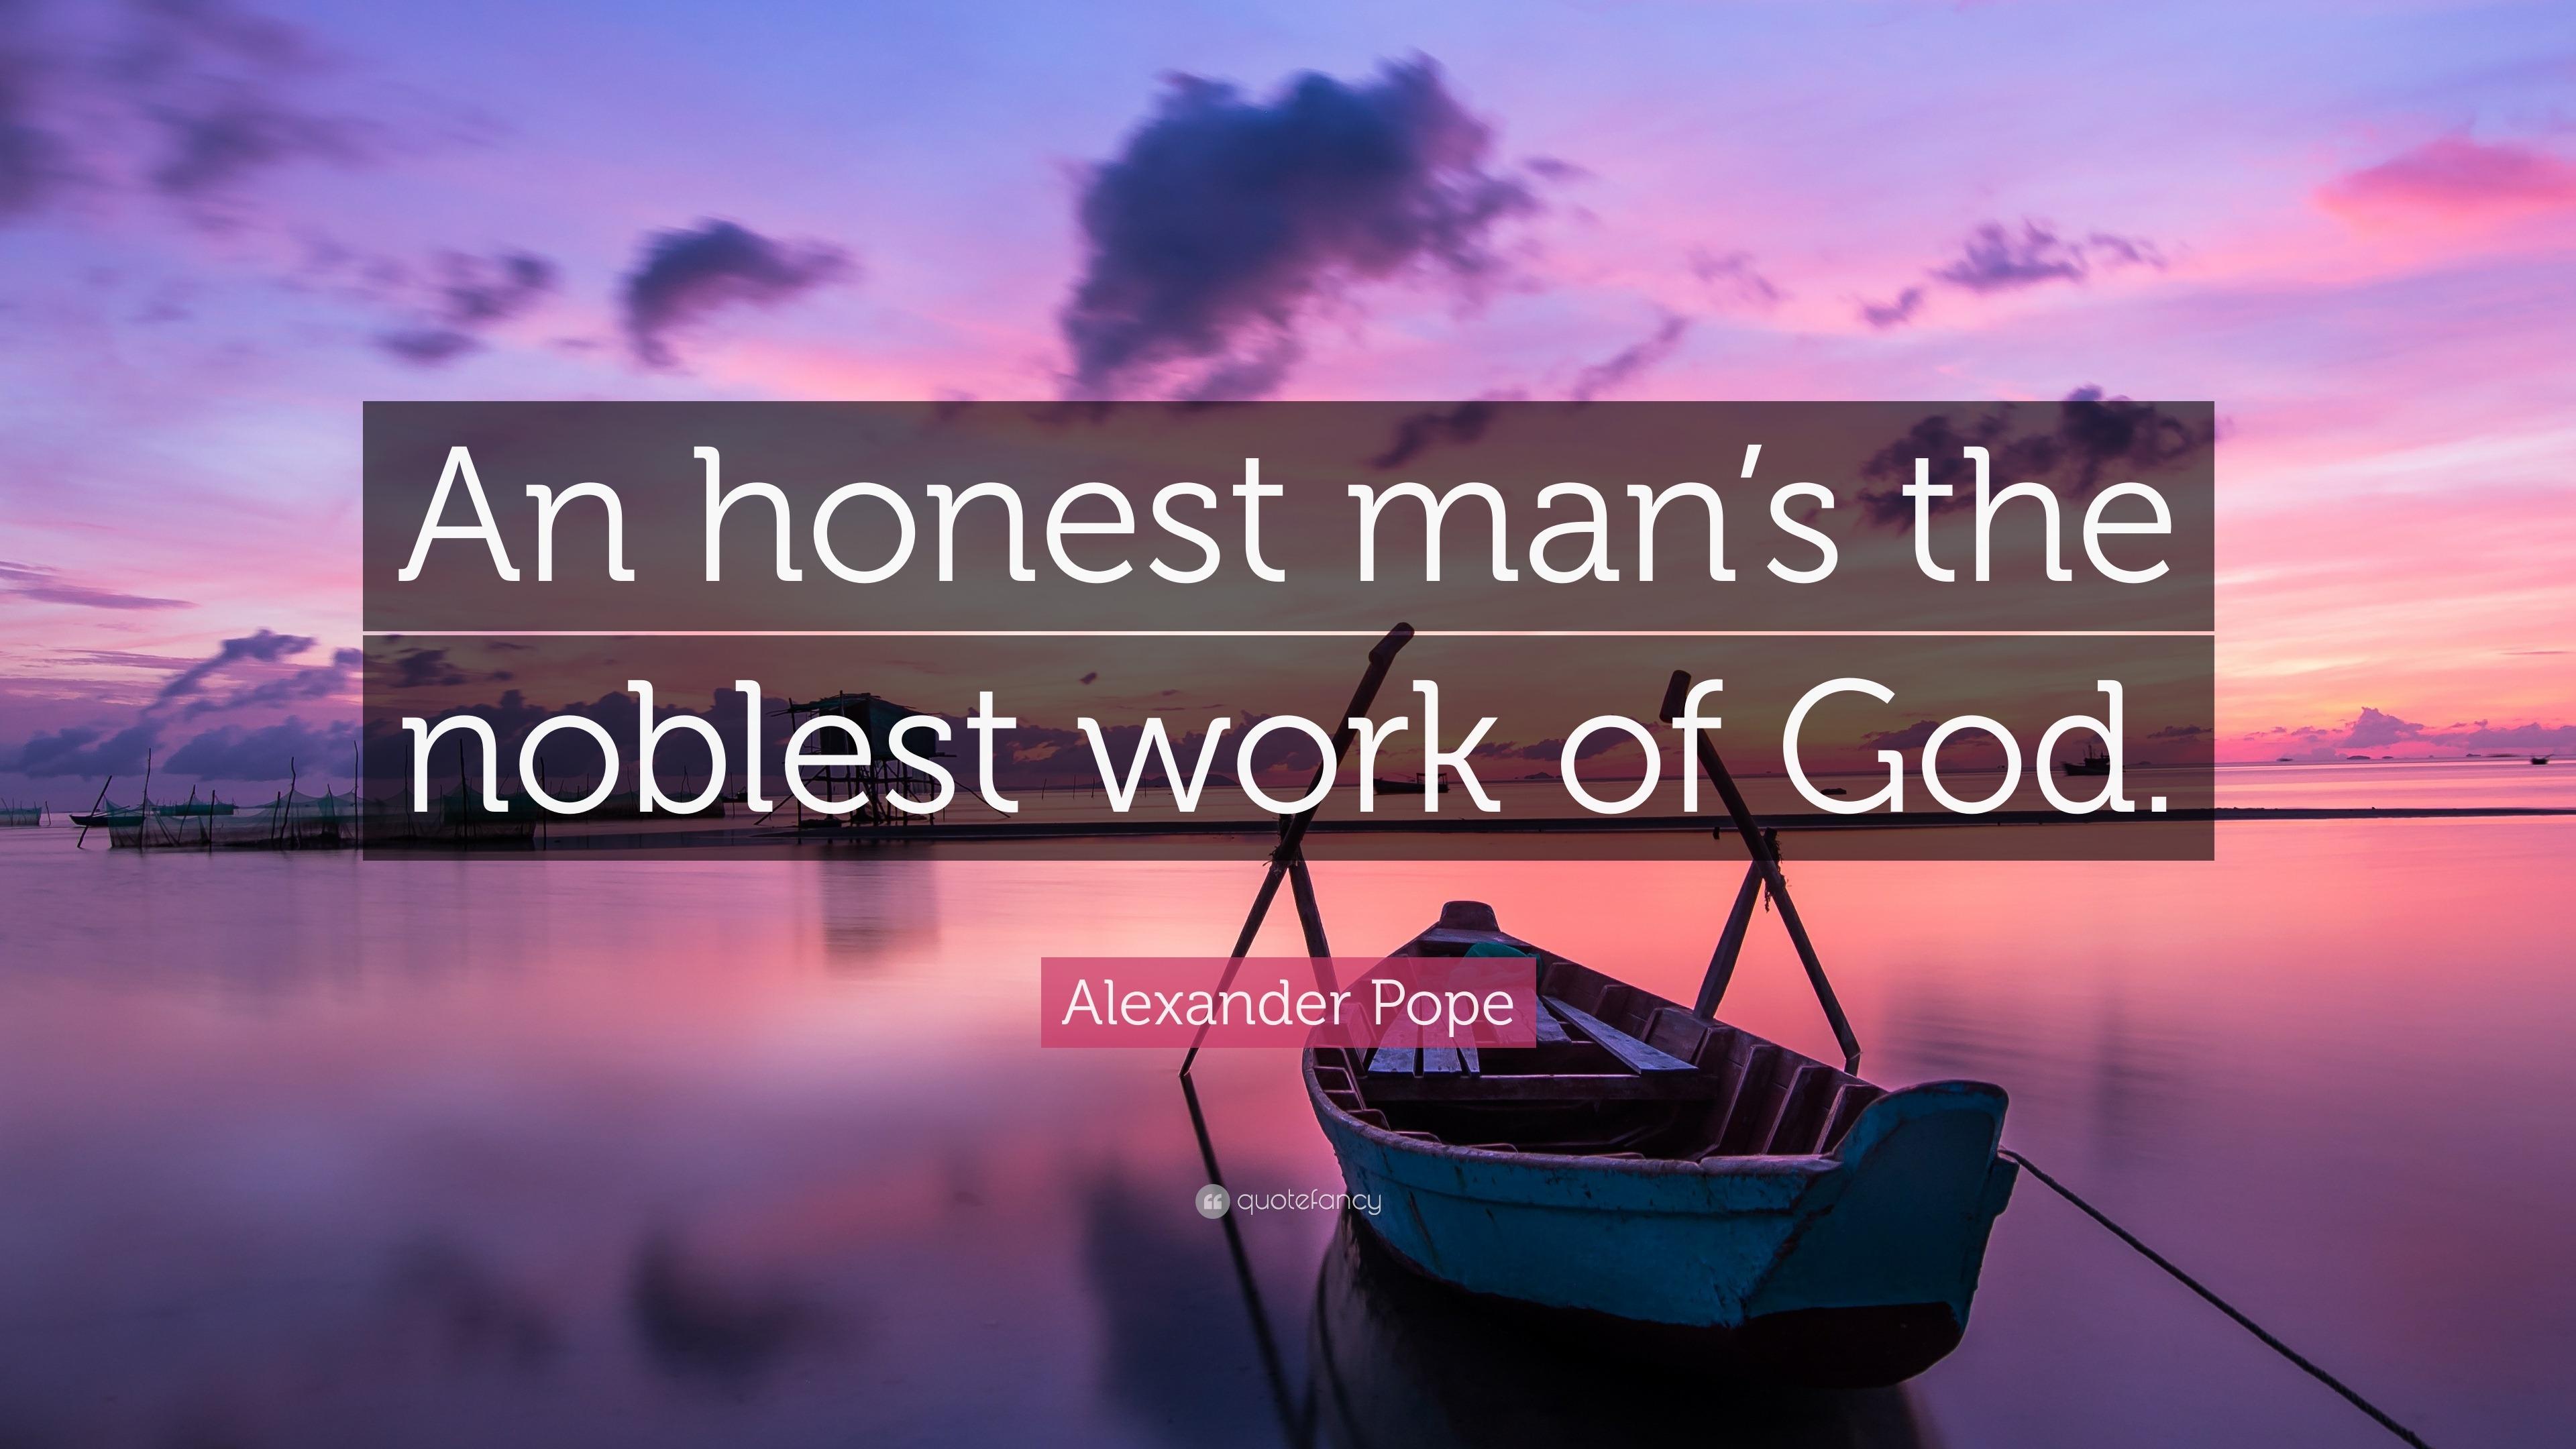 Alexander I and honesty 26